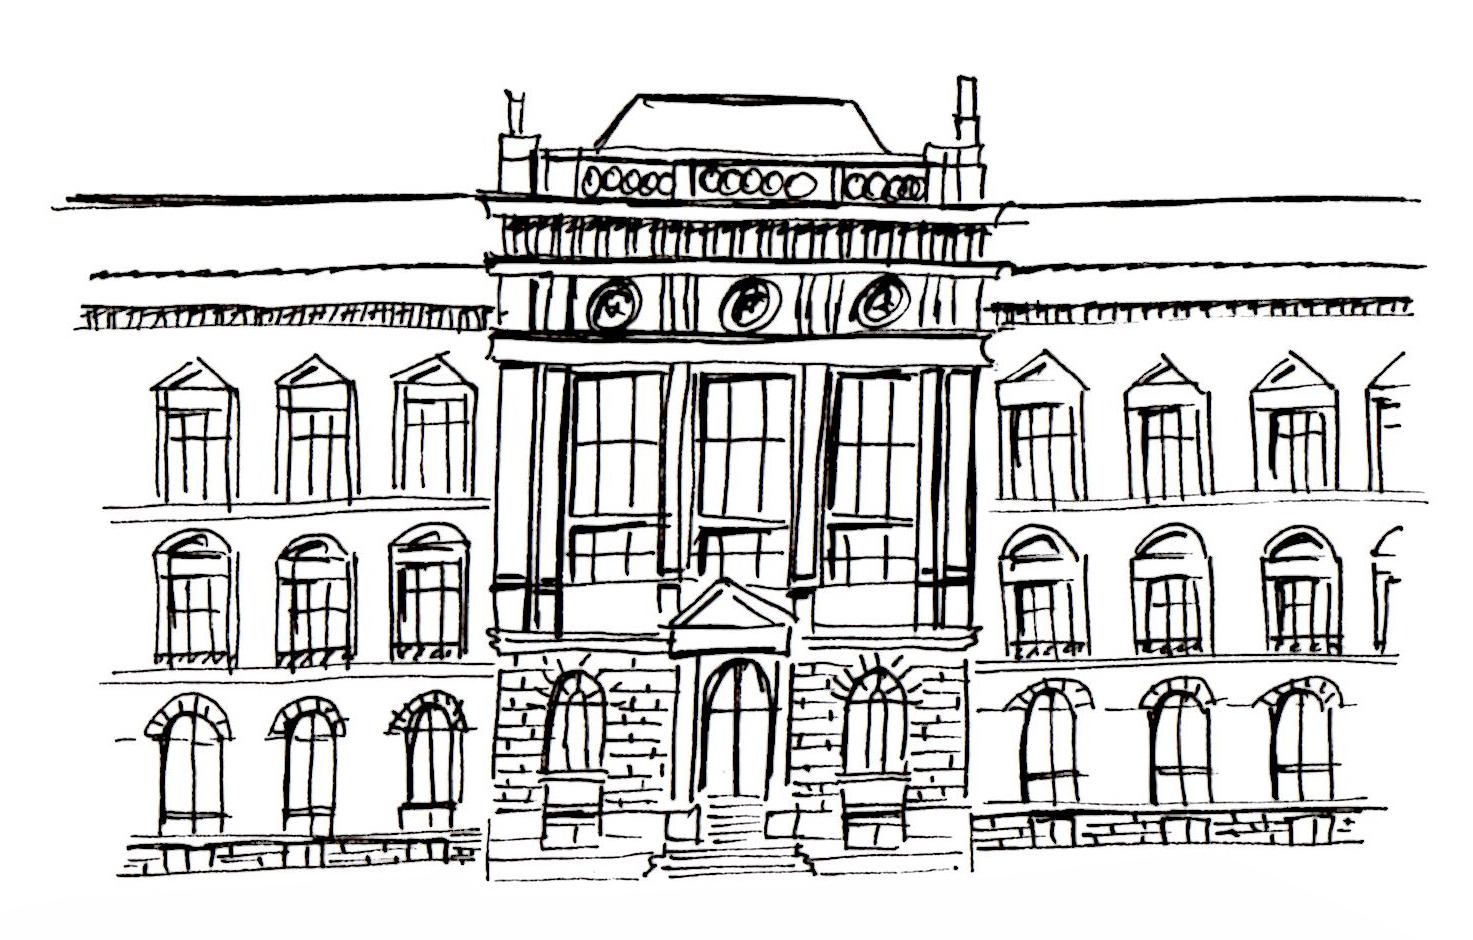 Die Ostfassade des Museums in schnellem Sketchnotes-Stil. © Illustration: Ania Groß